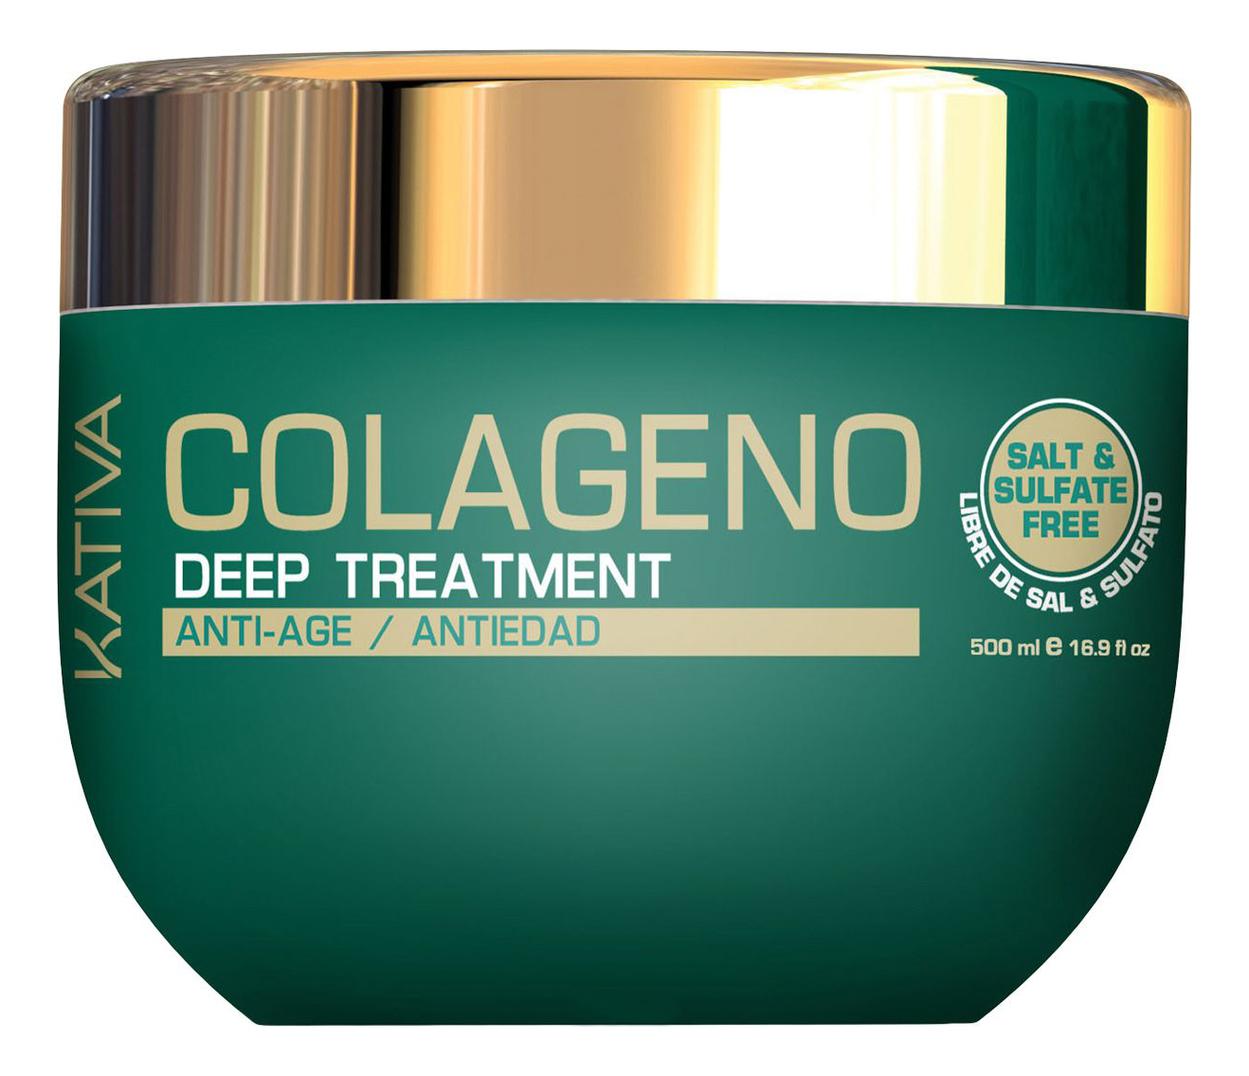 Интенсивный коллагеновый уход для волос Colageno Anti-Age Deep Treatment 500мл: Уход для волос 500мл шампунь коллагеновый kativa